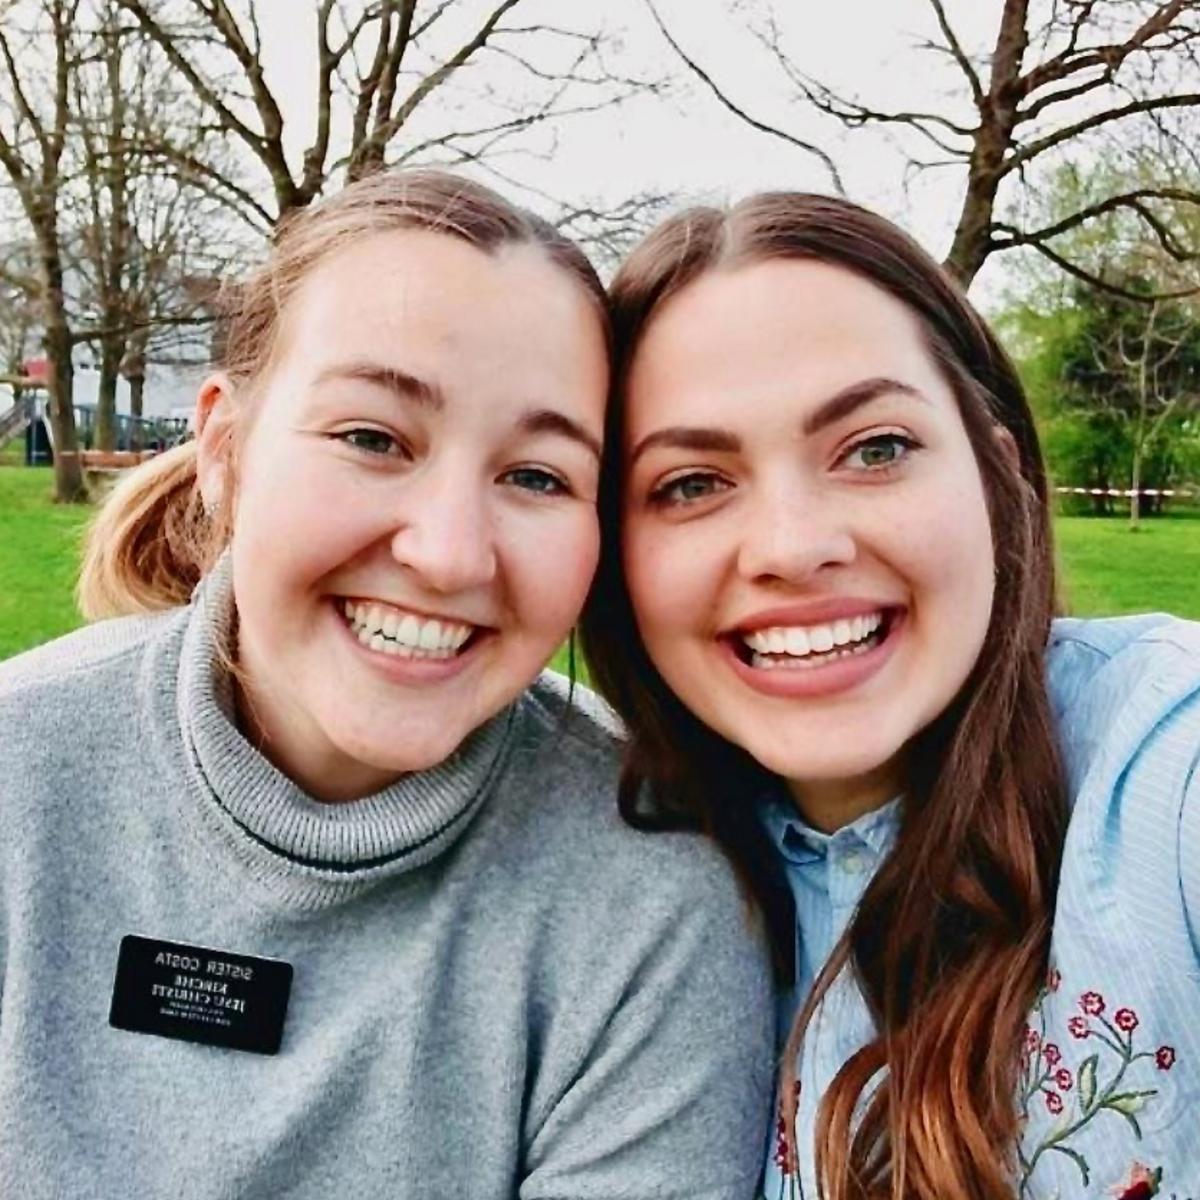 Sister Meisenfelder & Sister Costa